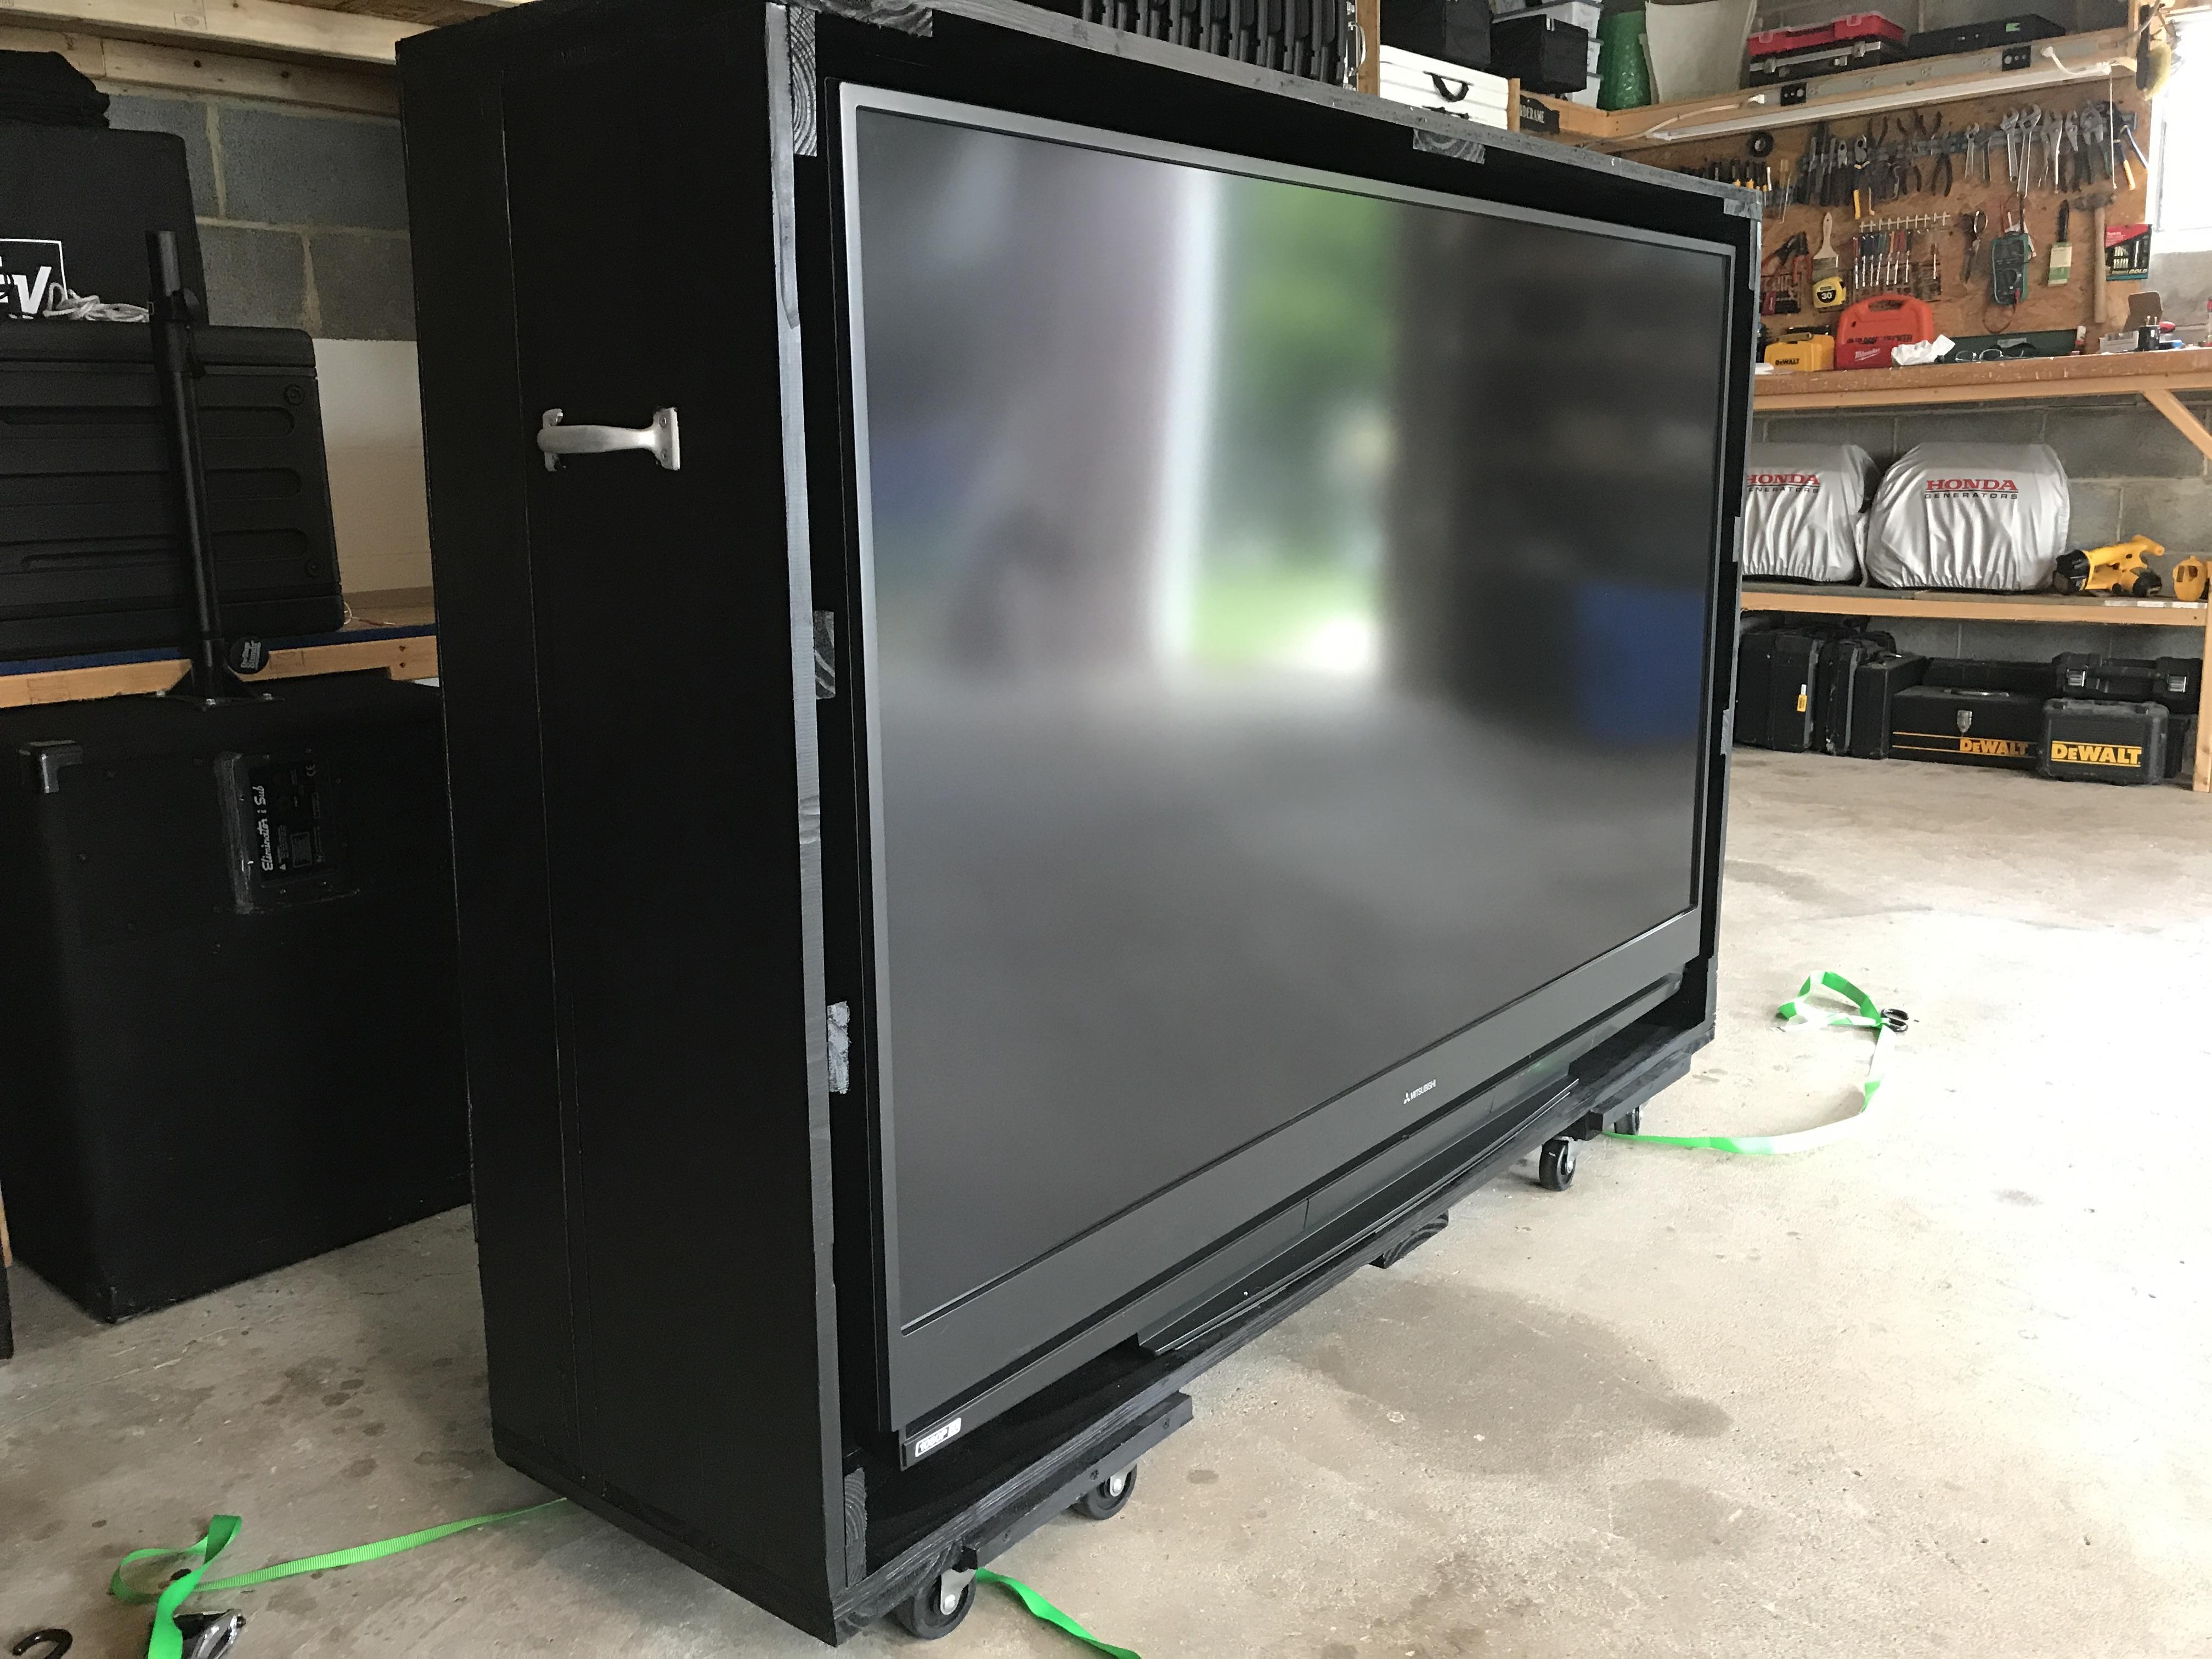 A 7 TV 1